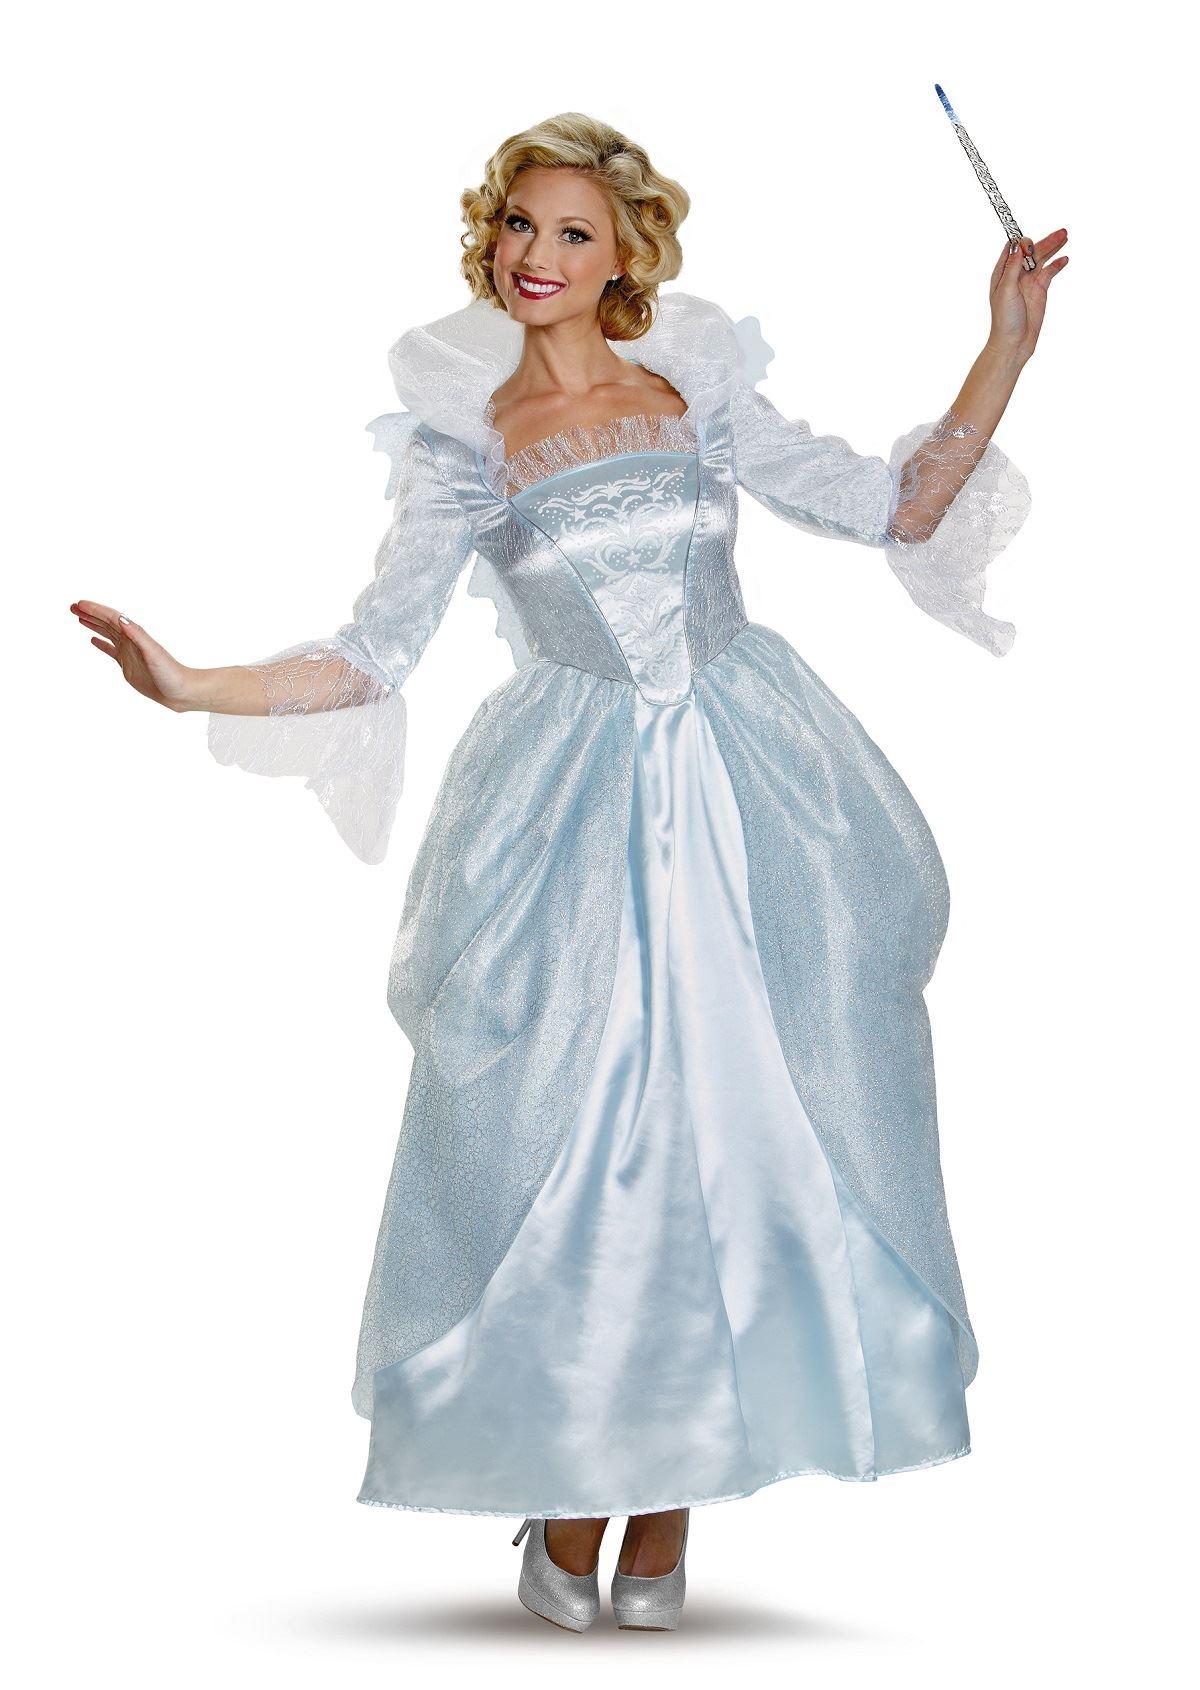 Amazoncom: Fairy Godmother Costume: Clothing, Shoes & Jewelry